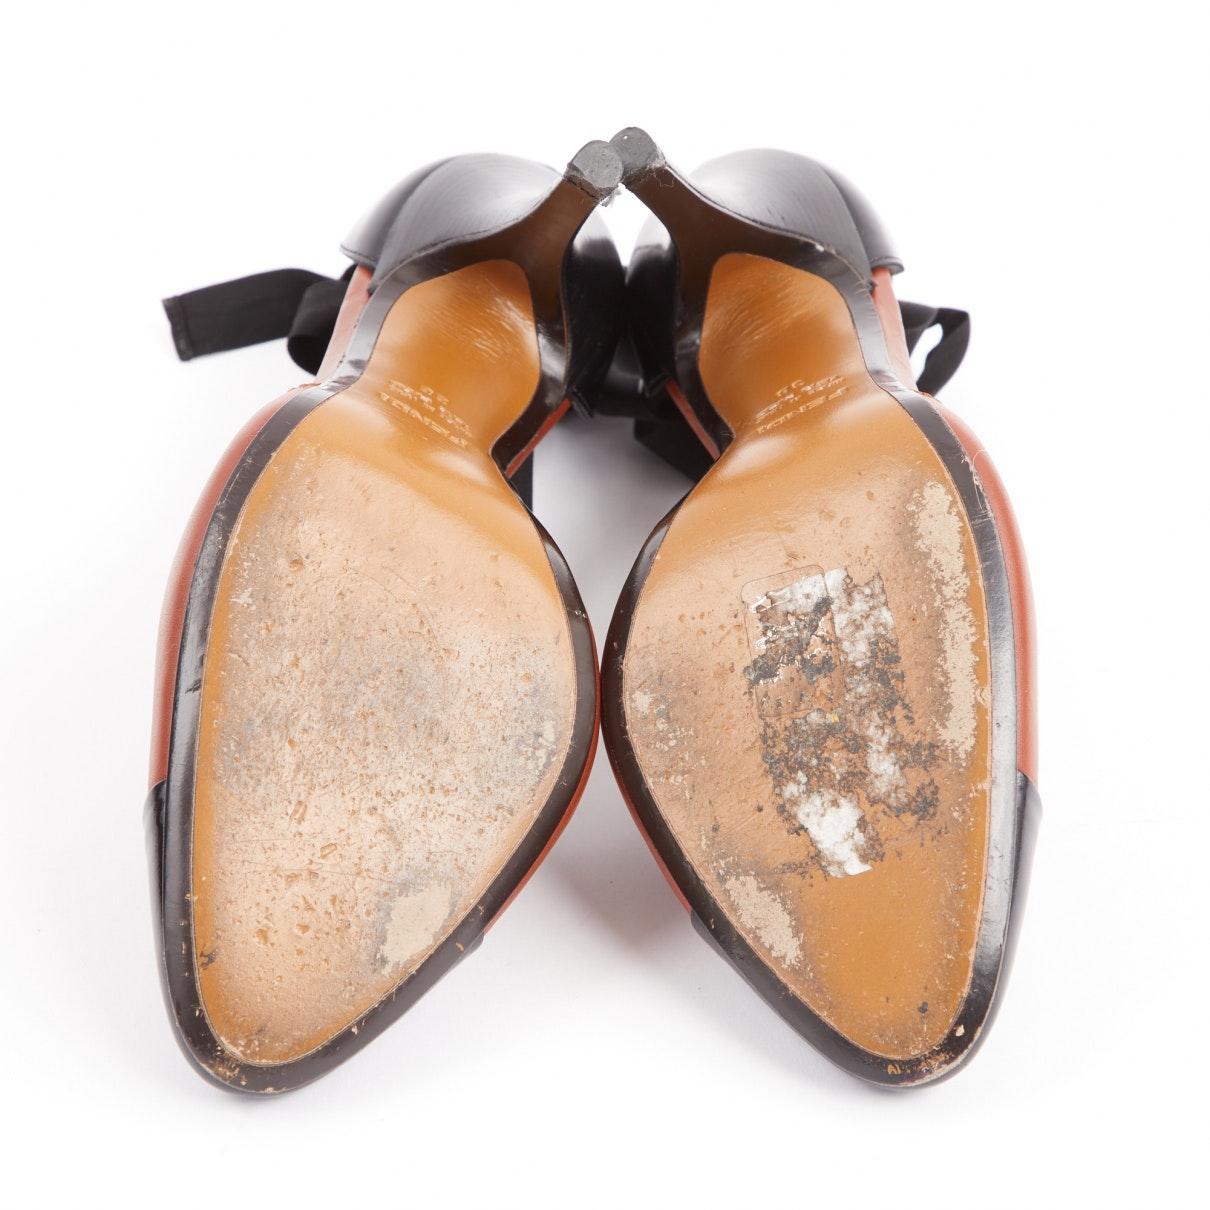 Tacones en cuero marrón N Fendi de Cuero de color Marrón